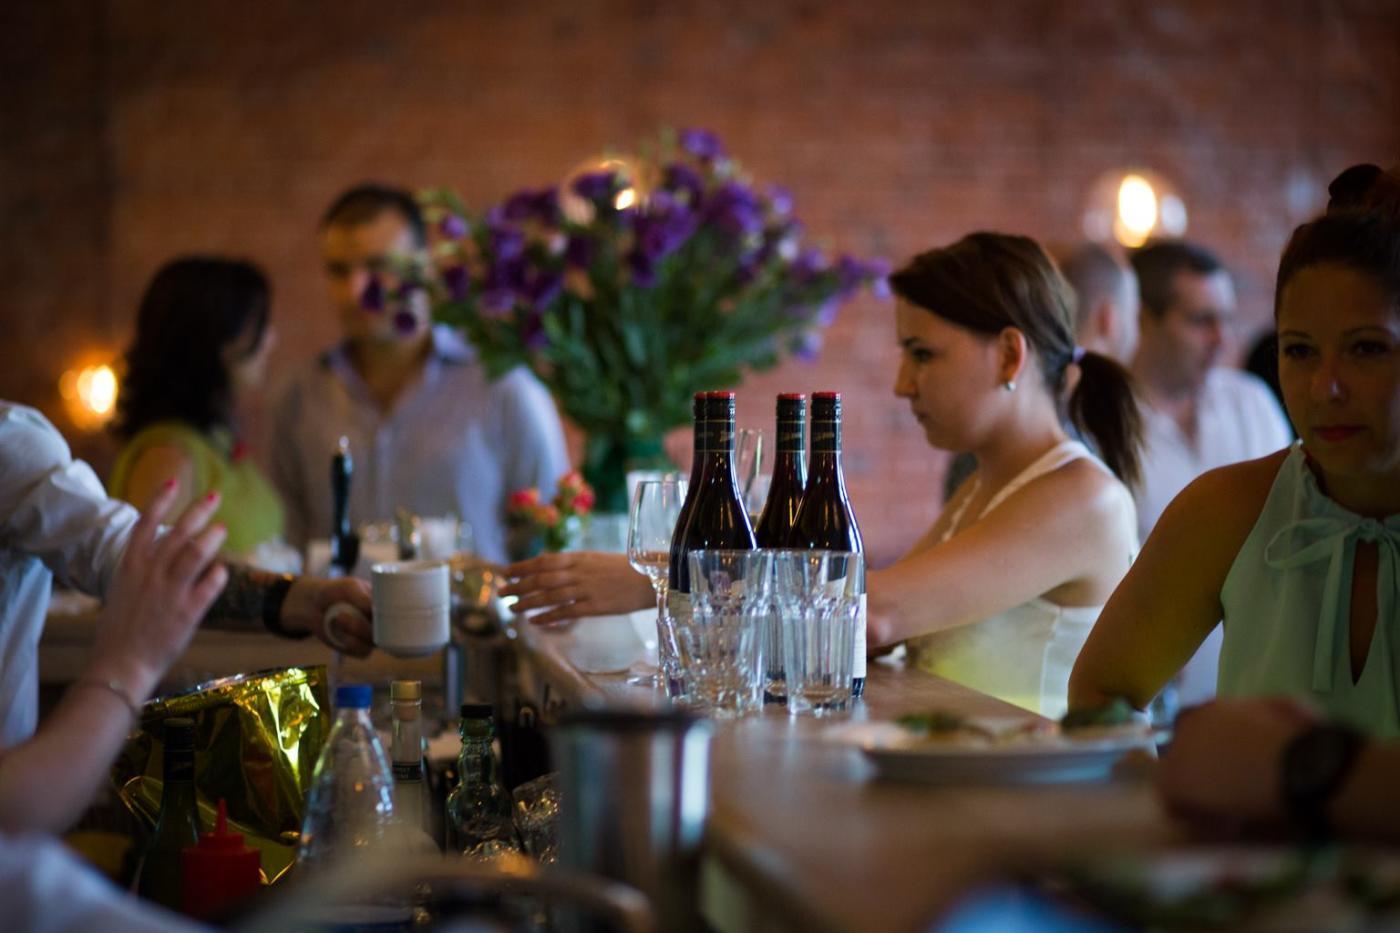 Ресторан Peter Cafe Пречистенская набережная (Petit Pierre Cafe) фото 26